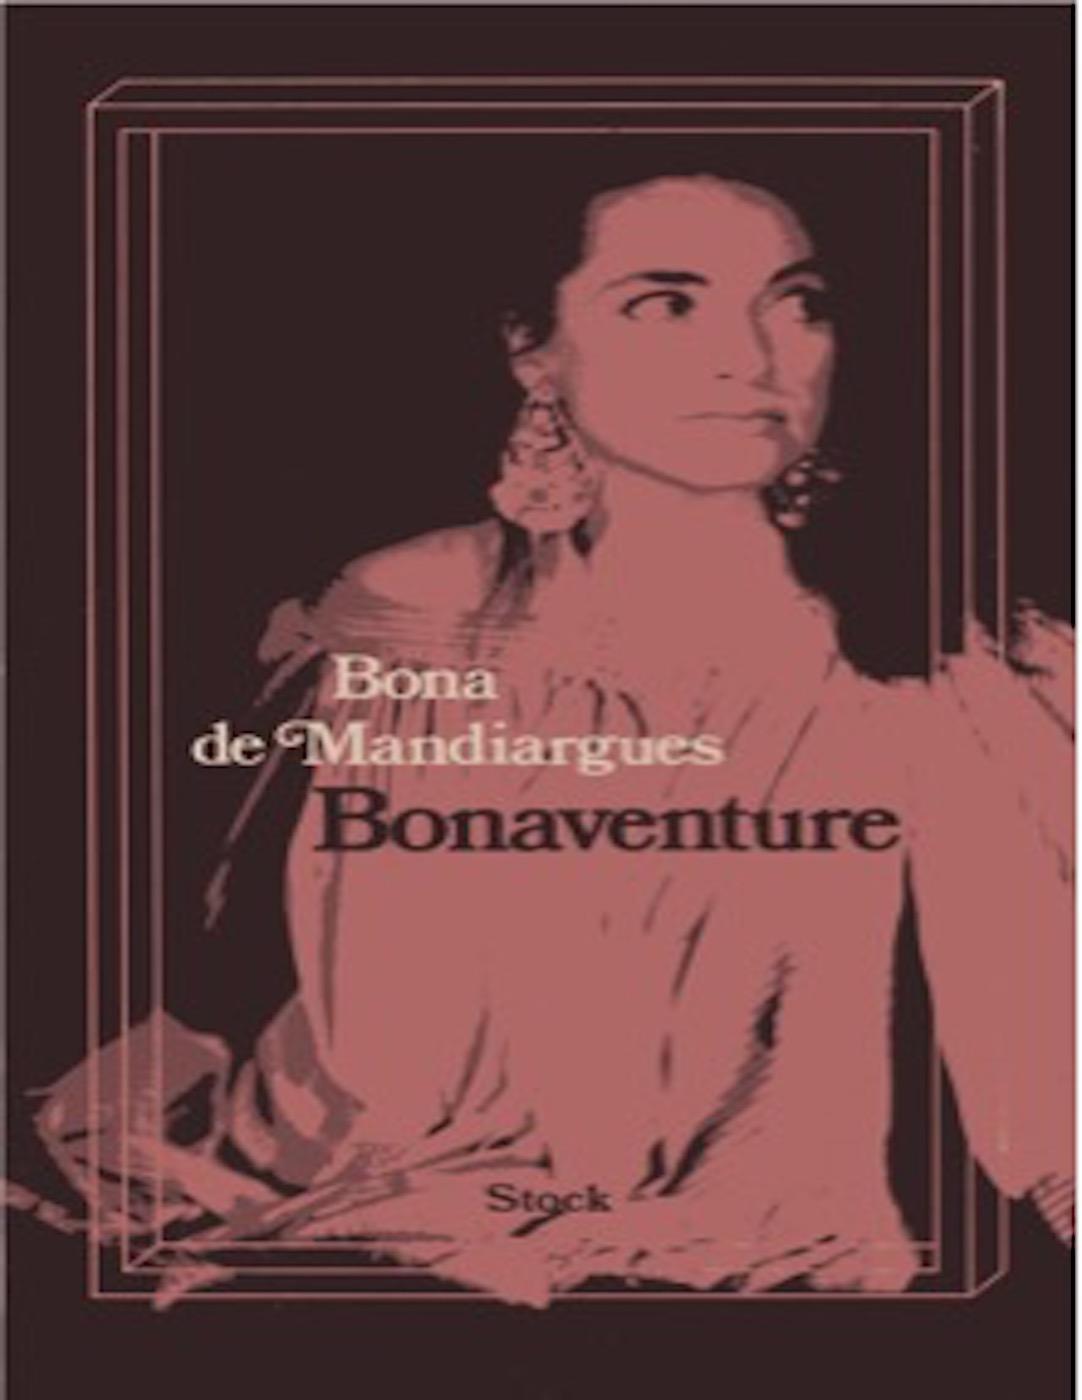 Bona de Mandiargues, <br /><em>Bonaventure</em>, 1977